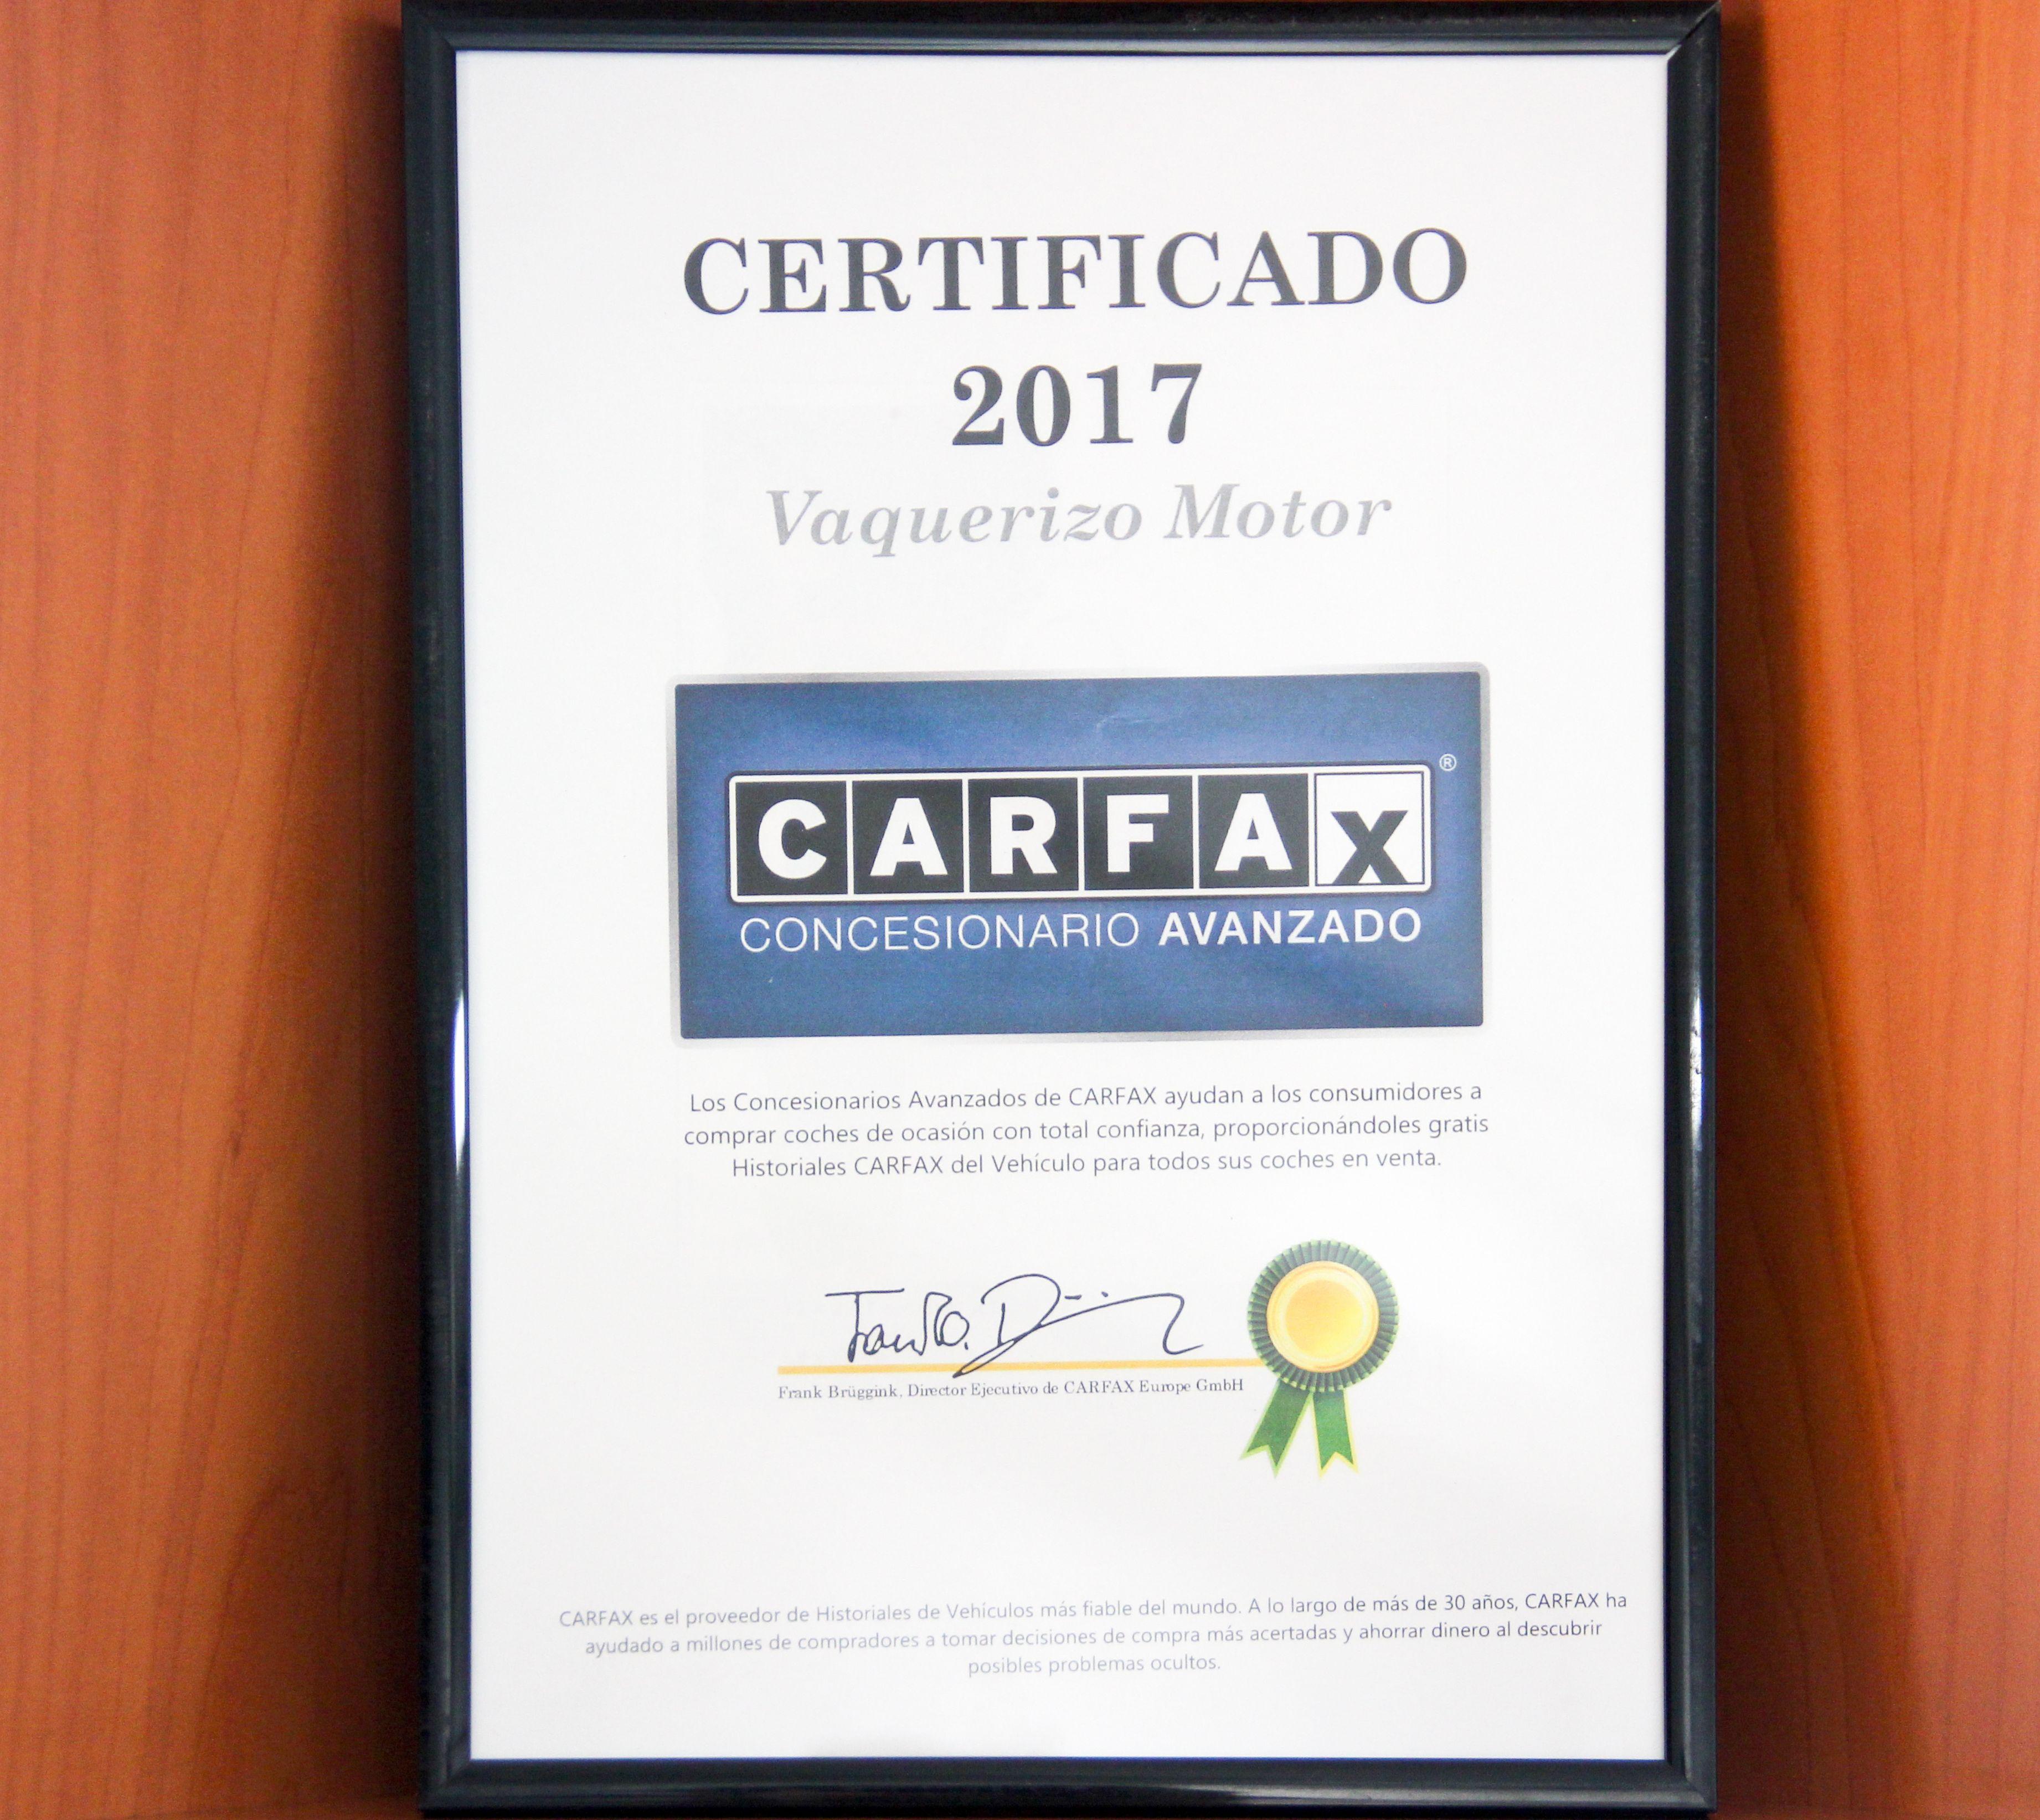 Certificado 2017  Vaquerizo Motor